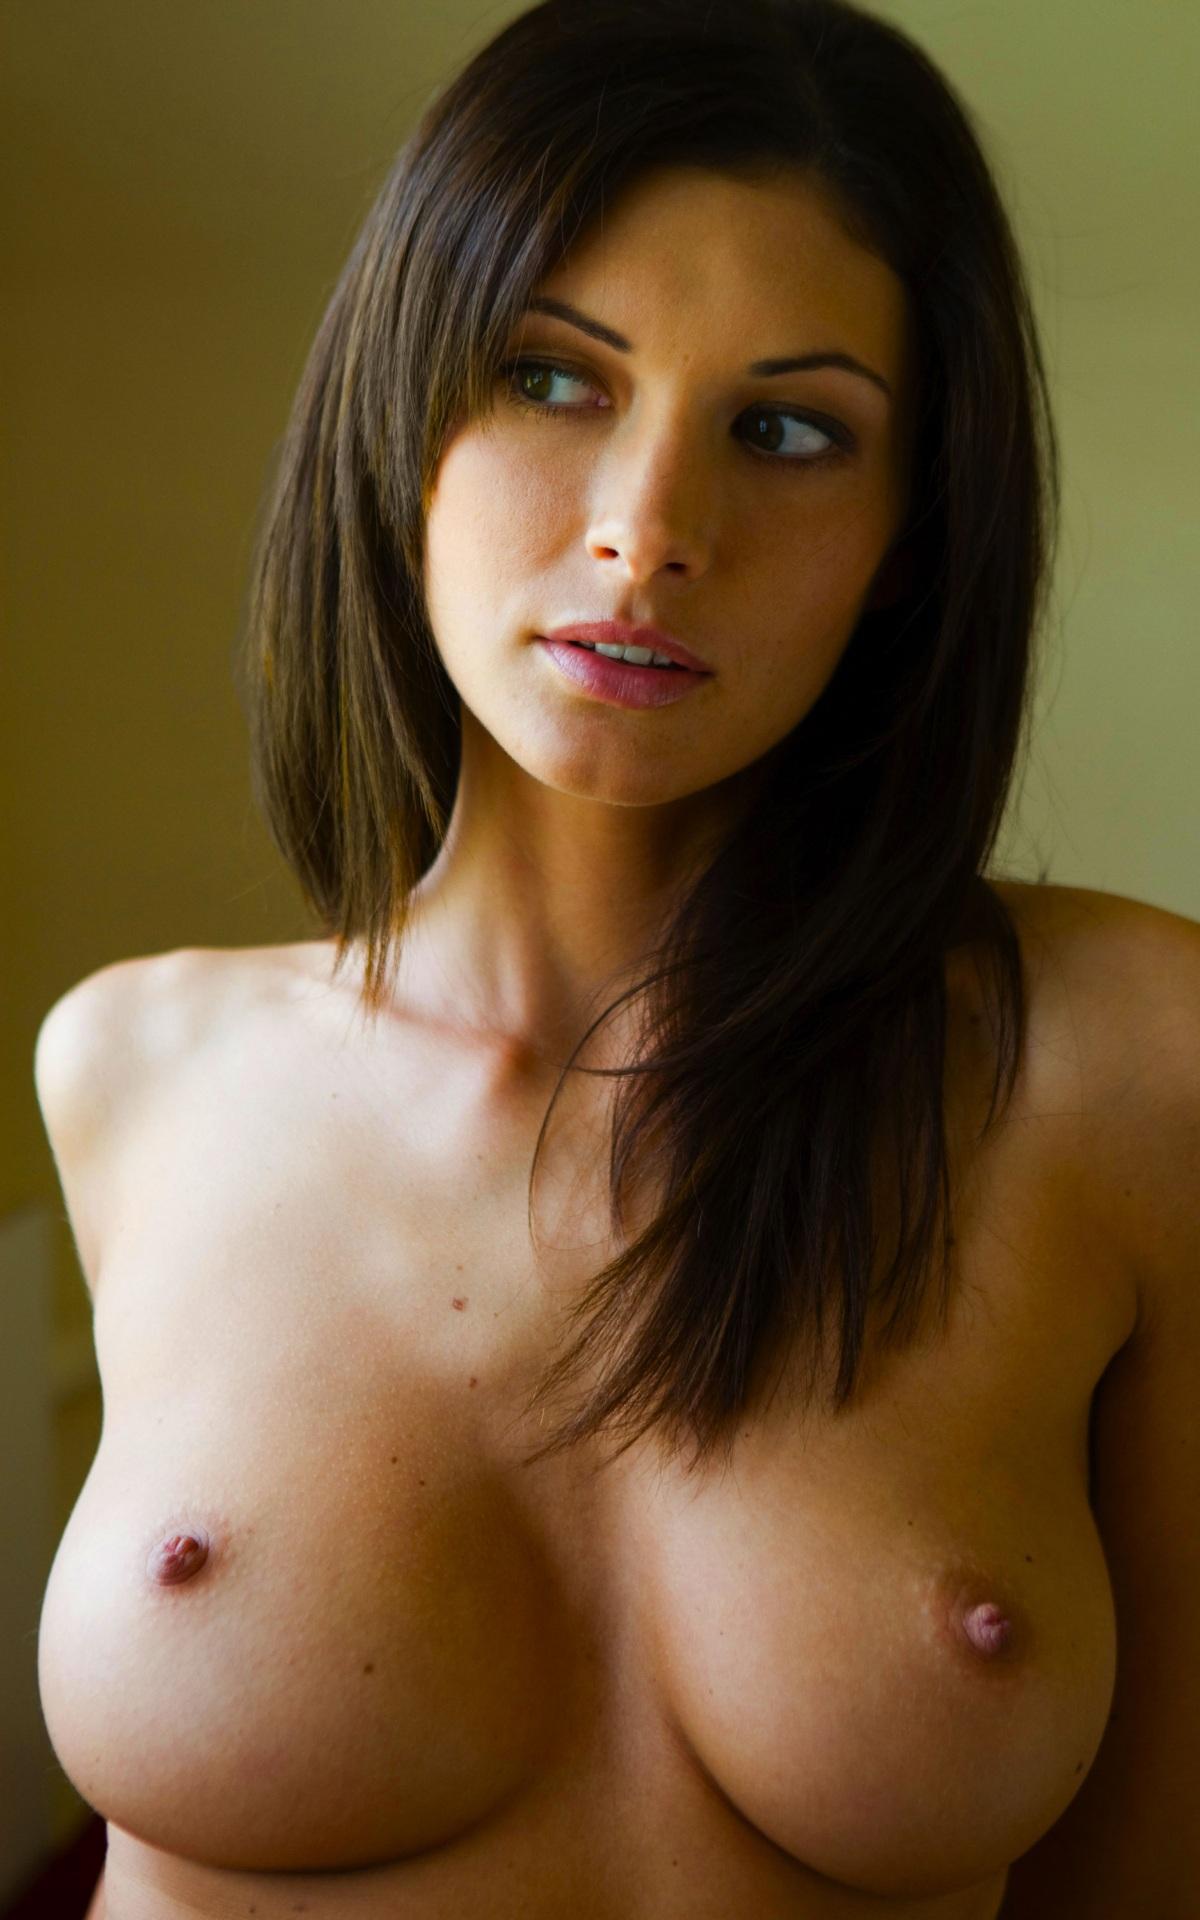 Natural and perky tits